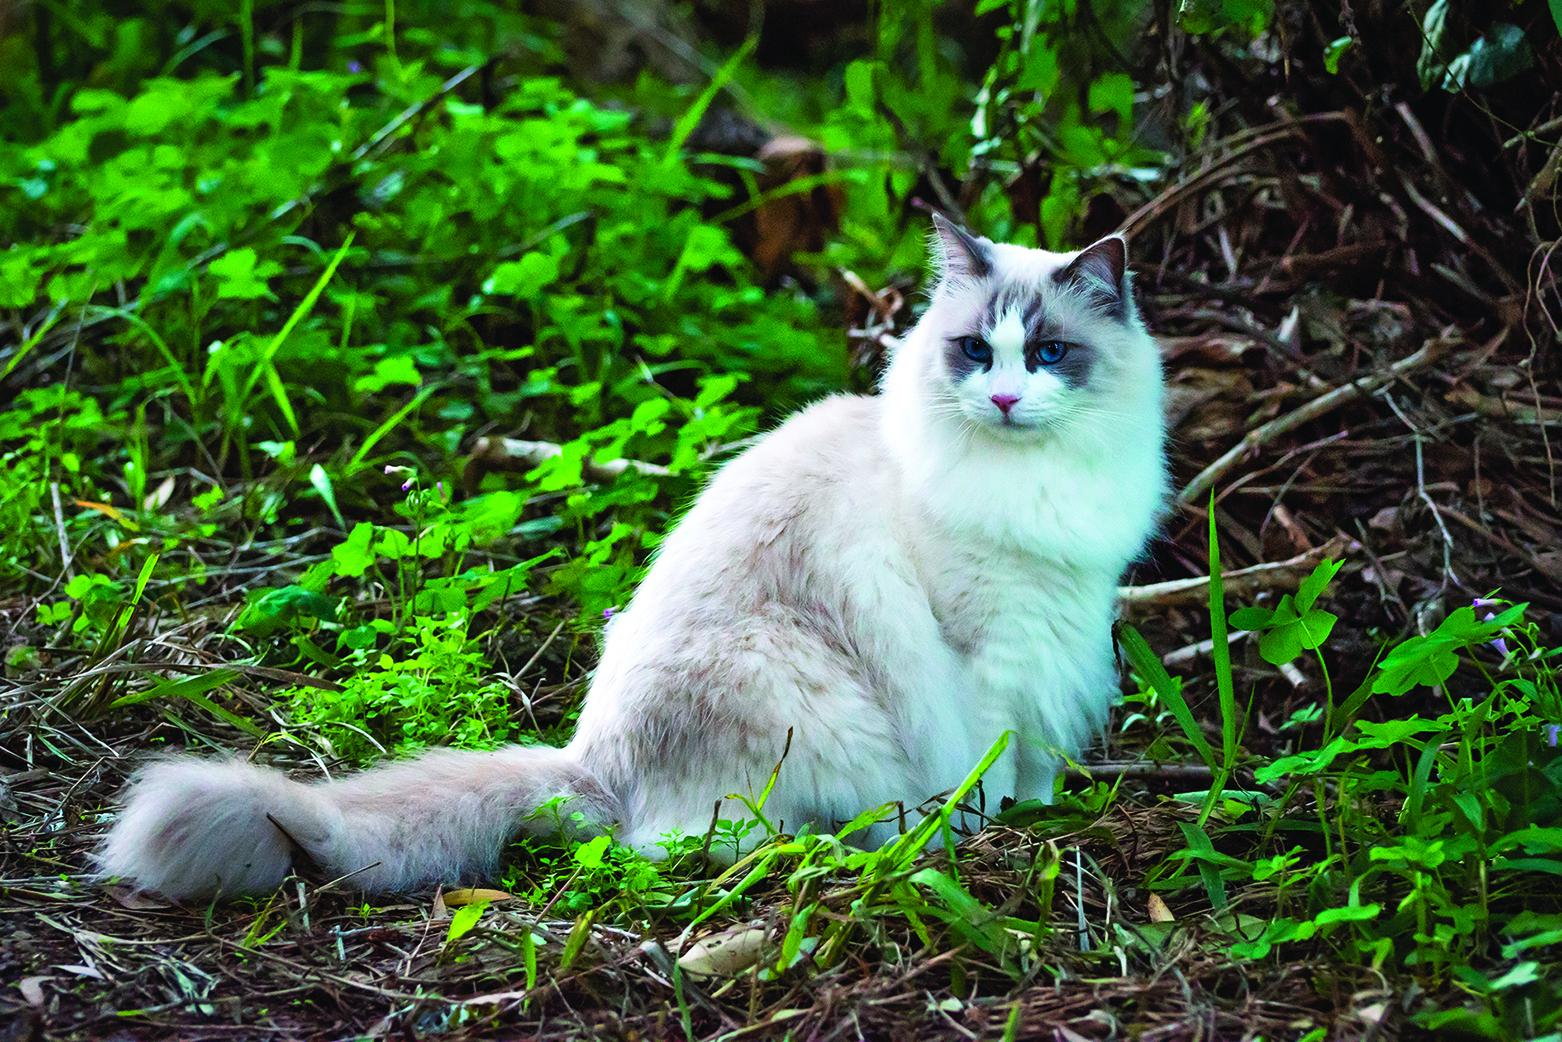 布偶貓優雅悠閒的特質很受喜愛。